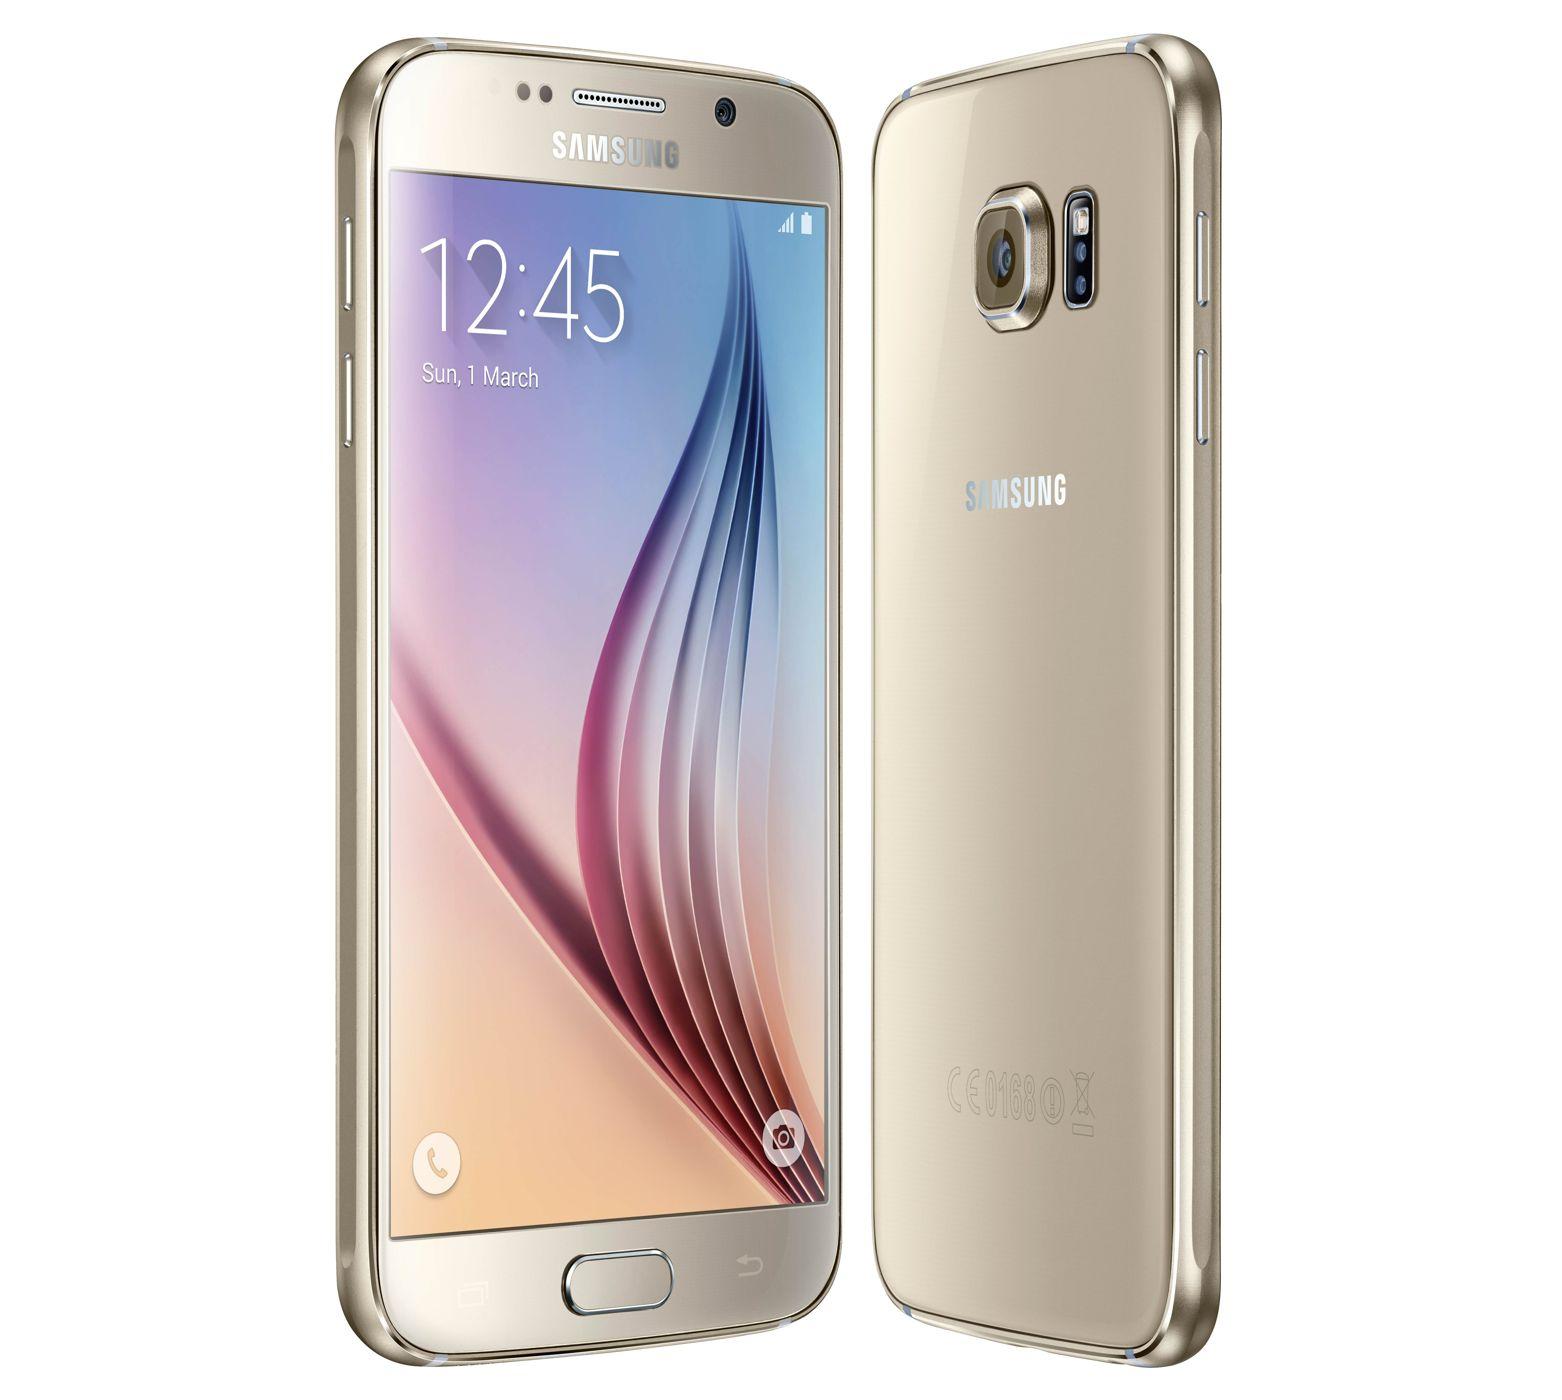 Samsung-Galaxy-S6-Bild.jpg